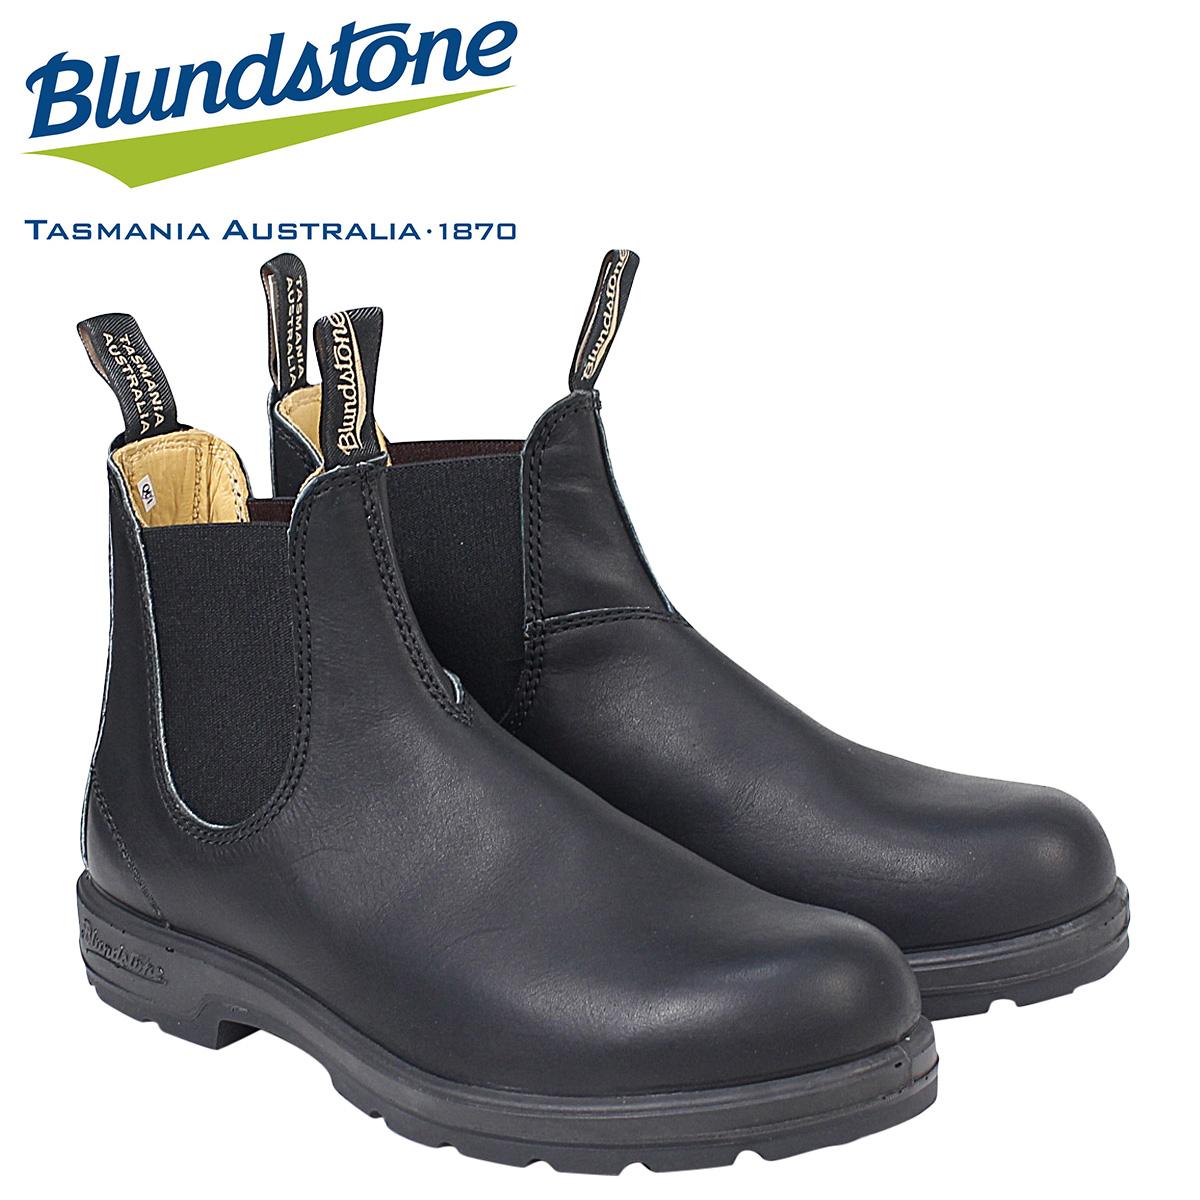 Blundstone DRESS V CUT BOOTS ブランドストーン サイドゴア メンズ 558 ブーツ ブラック